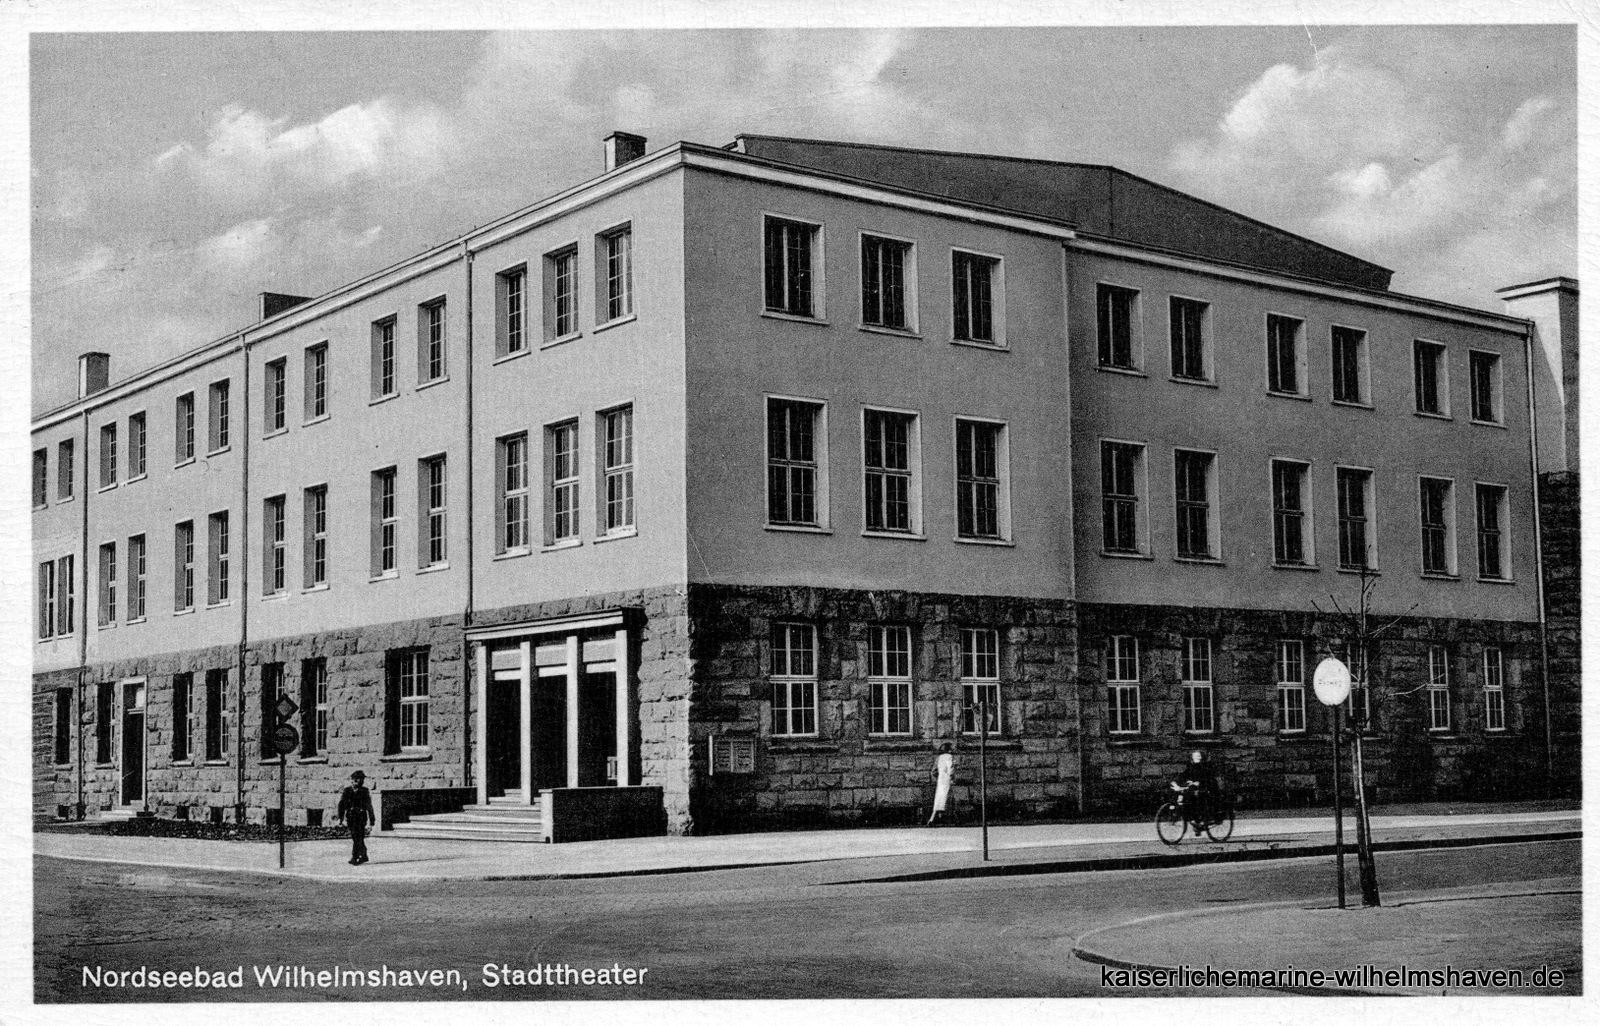 Ansicht von Südost: Nach dem Umbau zum Stadttheater, ca. 1960